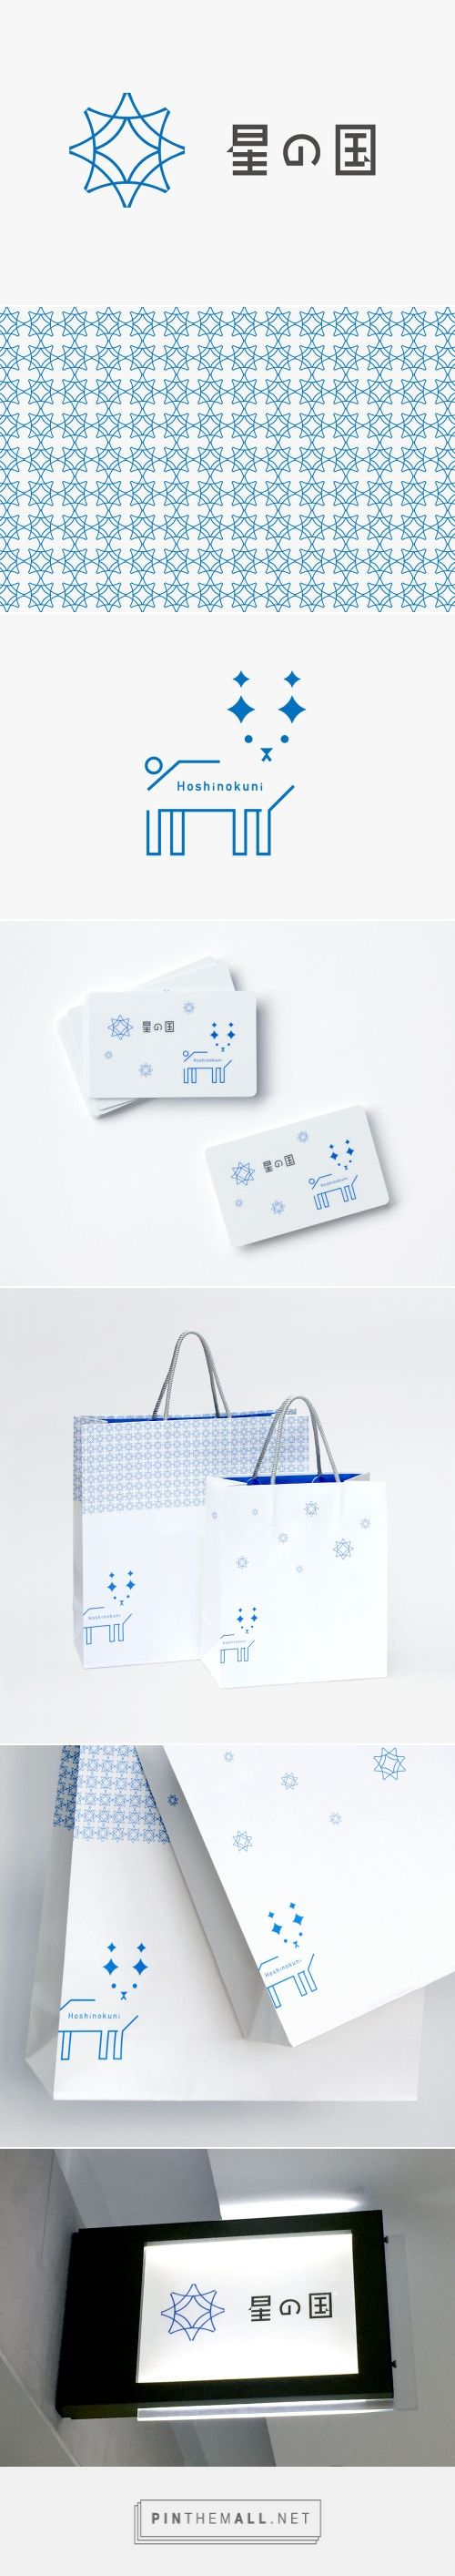 星の国(2015) 札幌の化粧品専門店のCI - created via http://pinthemall.net